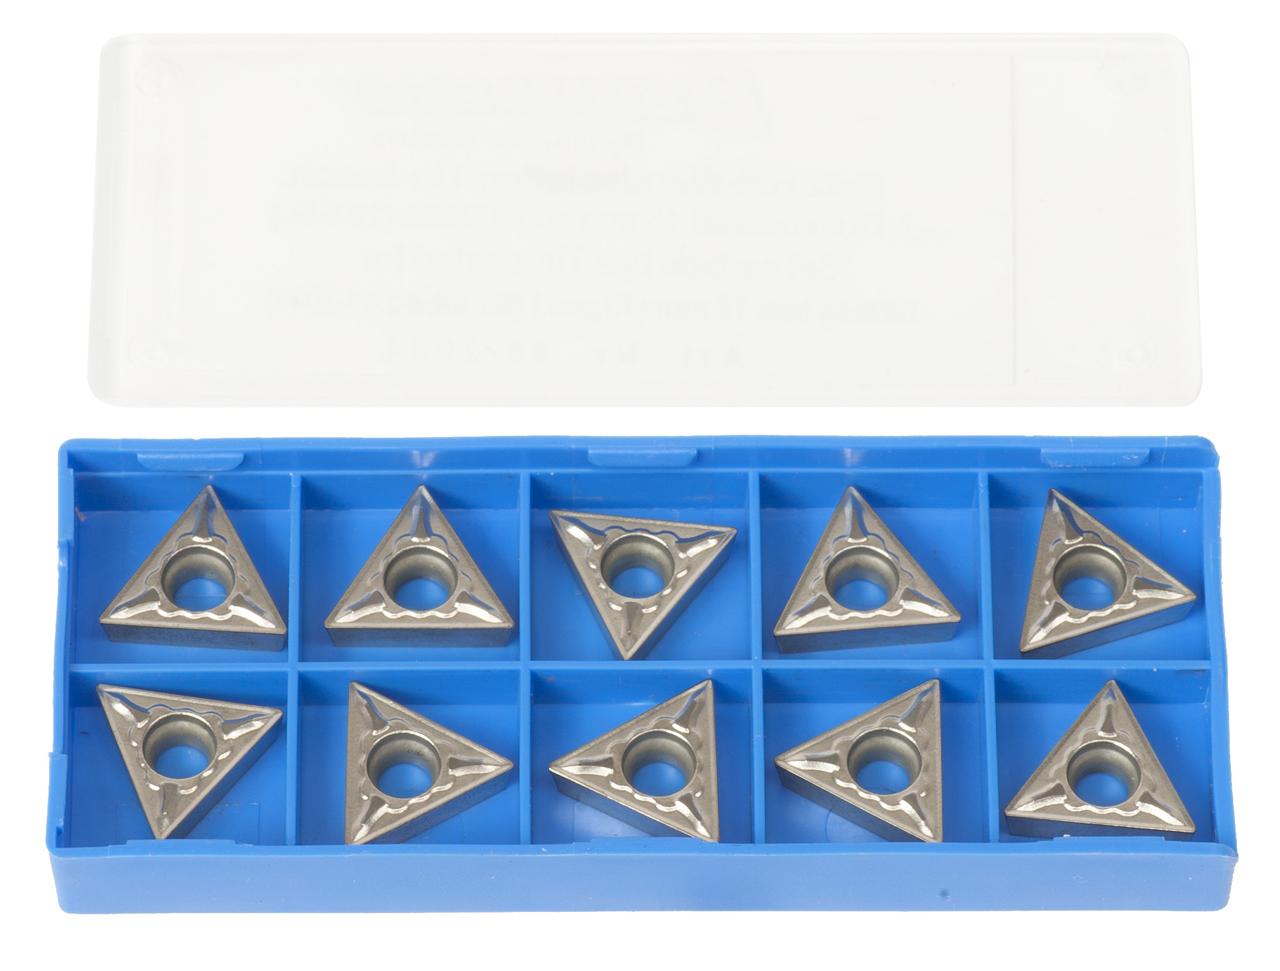 Zestaw płytek węglikowych HM - płytki (10 szt.) pasujących do noży tokarskich 20 mm BERNARDO